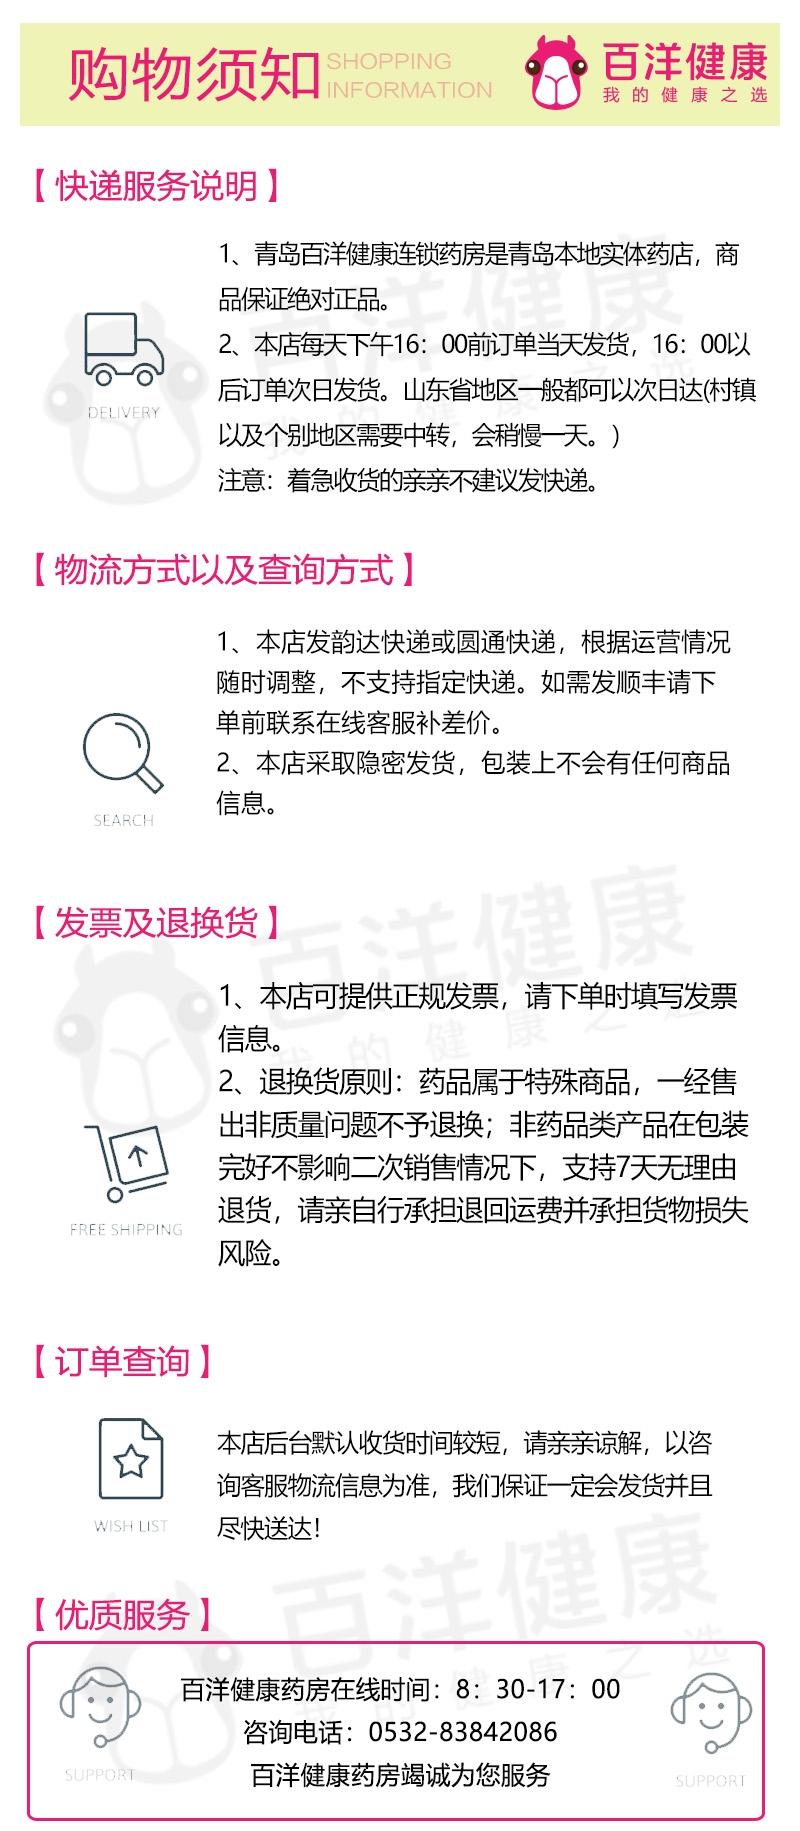 健尔康 医用脱脂纱布片 7.5*7.5cm-8p(5)无菌